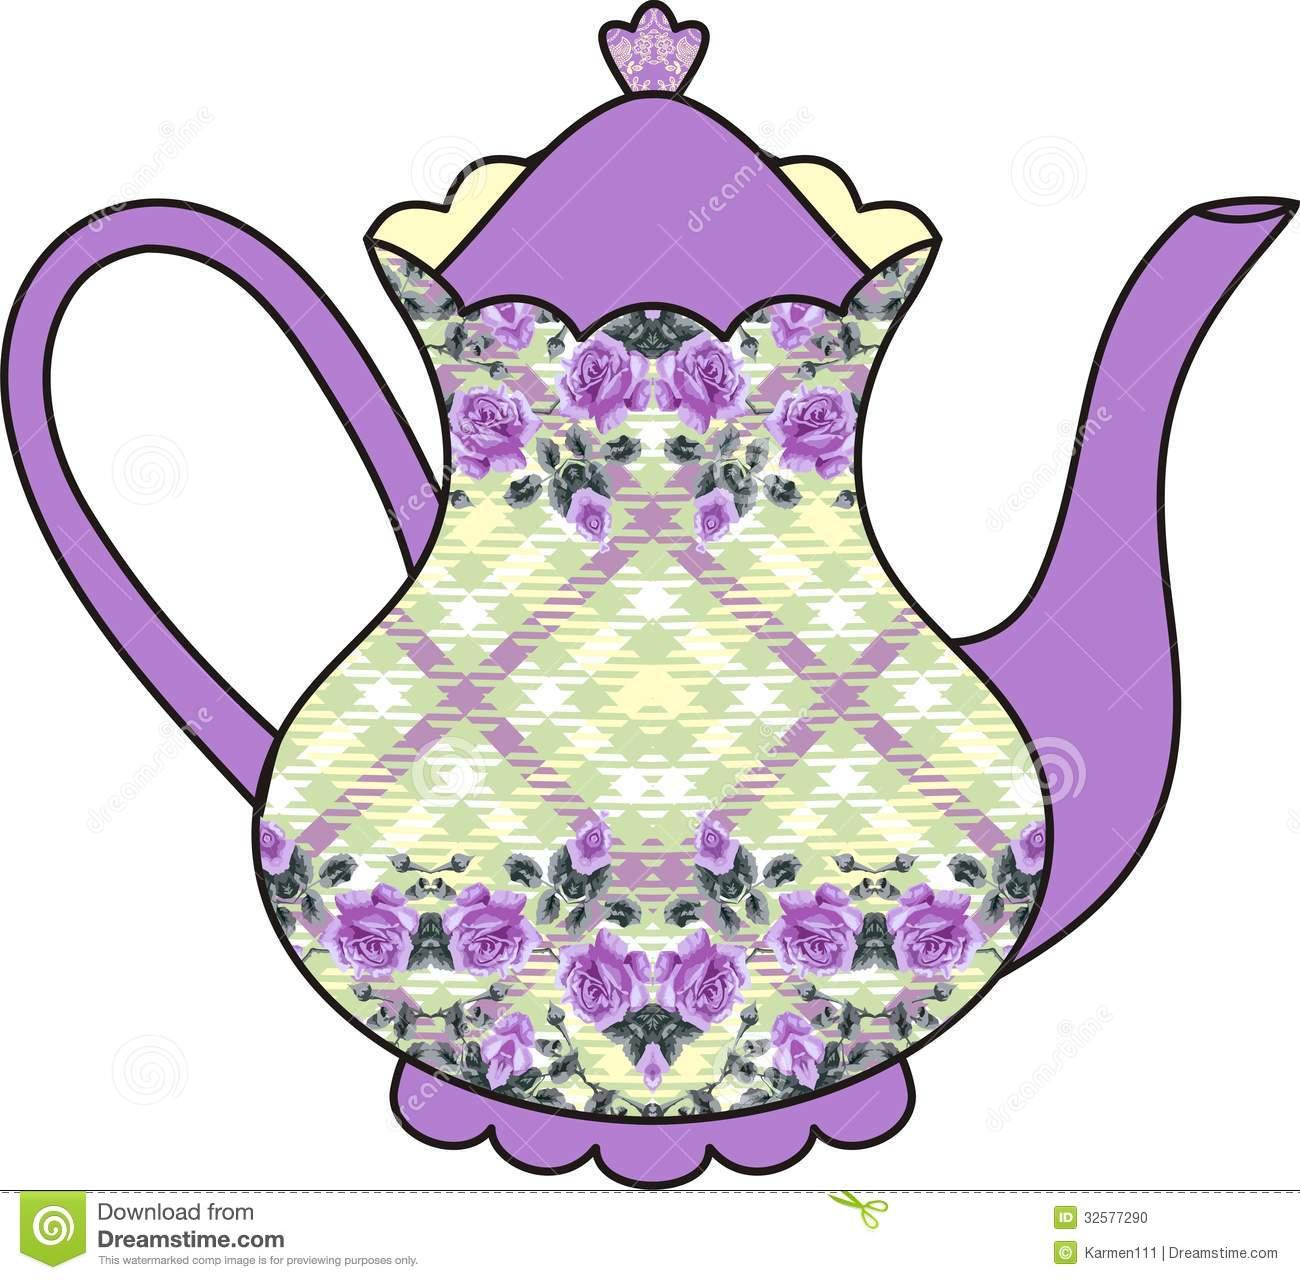 Tea Time Clip Art Floral Roses Teapot Ti-Tea Time Clip Art Floral Roses Teapot Time For-6